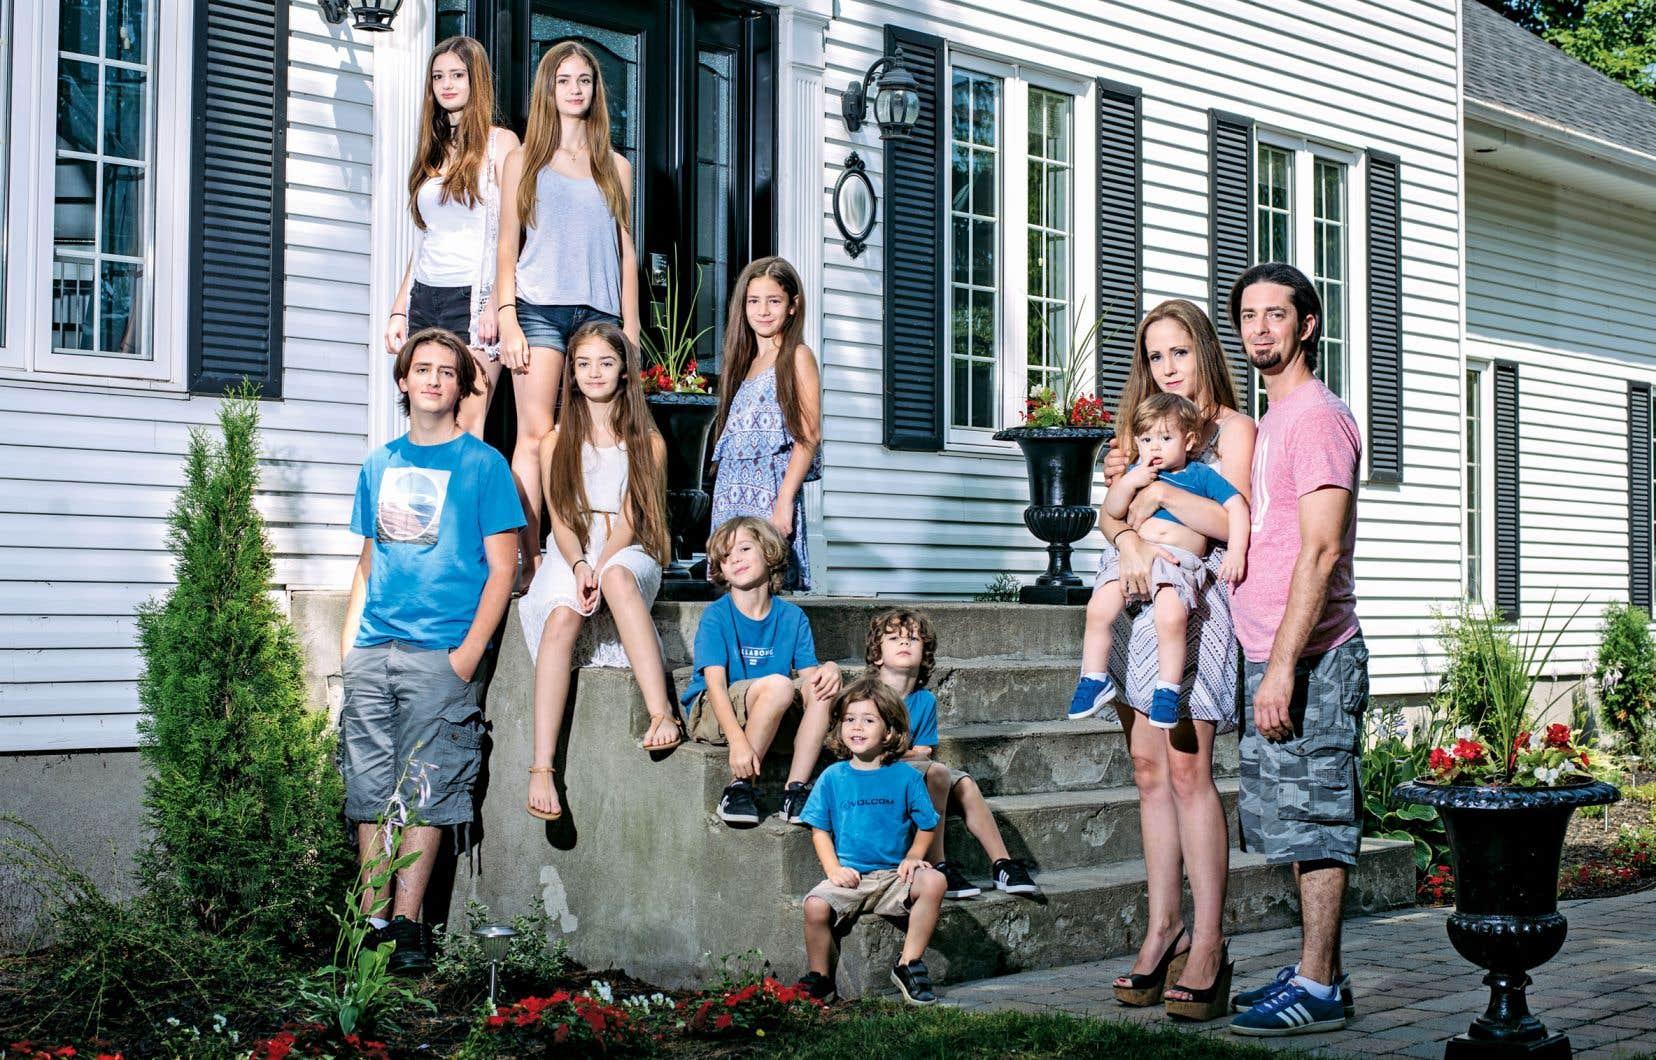 Après avoir connu un succès avec le documentaire consacré aux Groulx-Lawson, Canal Vie propose une série de huit épisodes en leur compagnie.